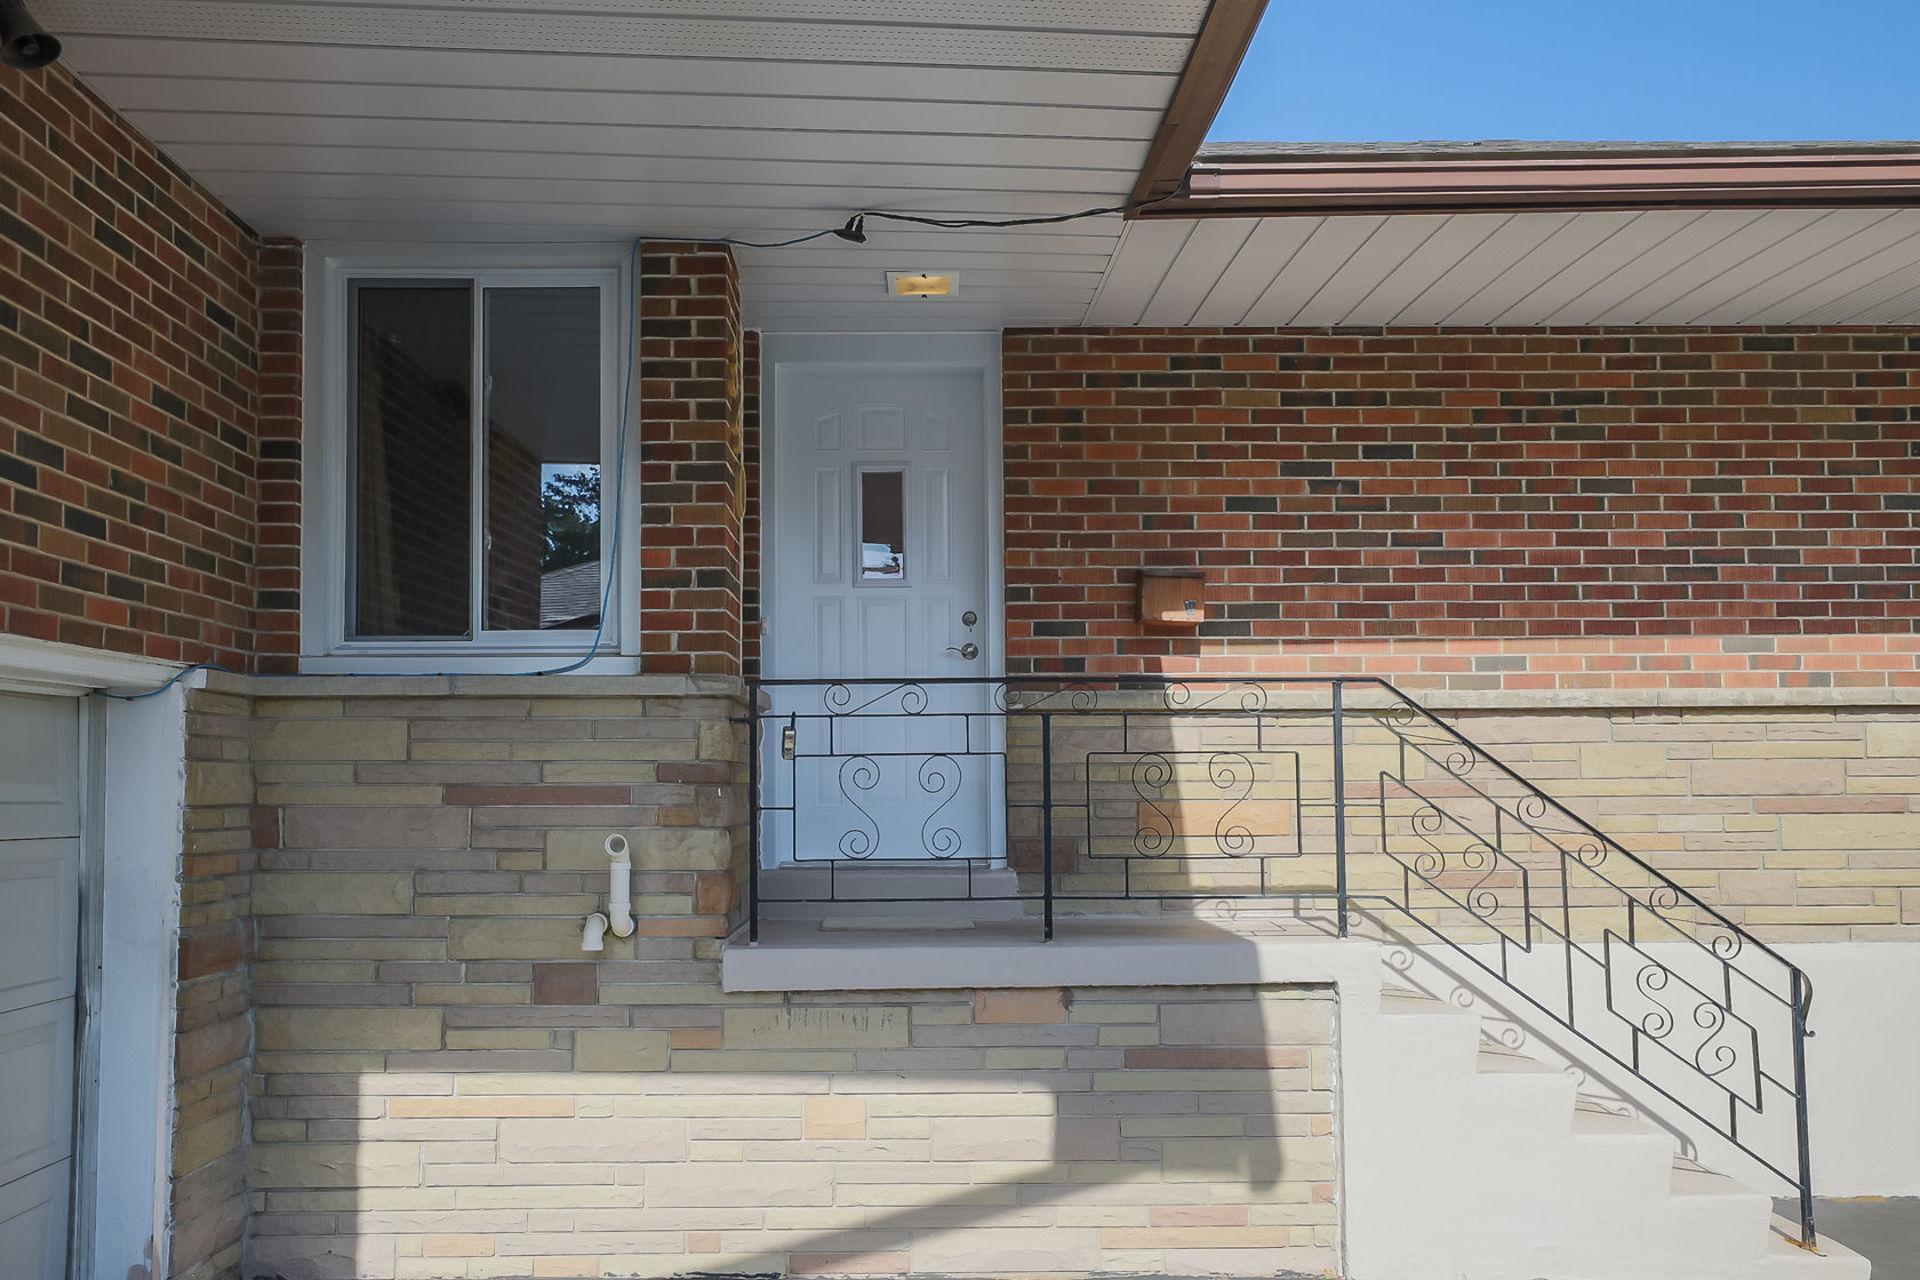 virtual-tour-287563-06 at 340 East Side Cres, Shoreacres, Burlington